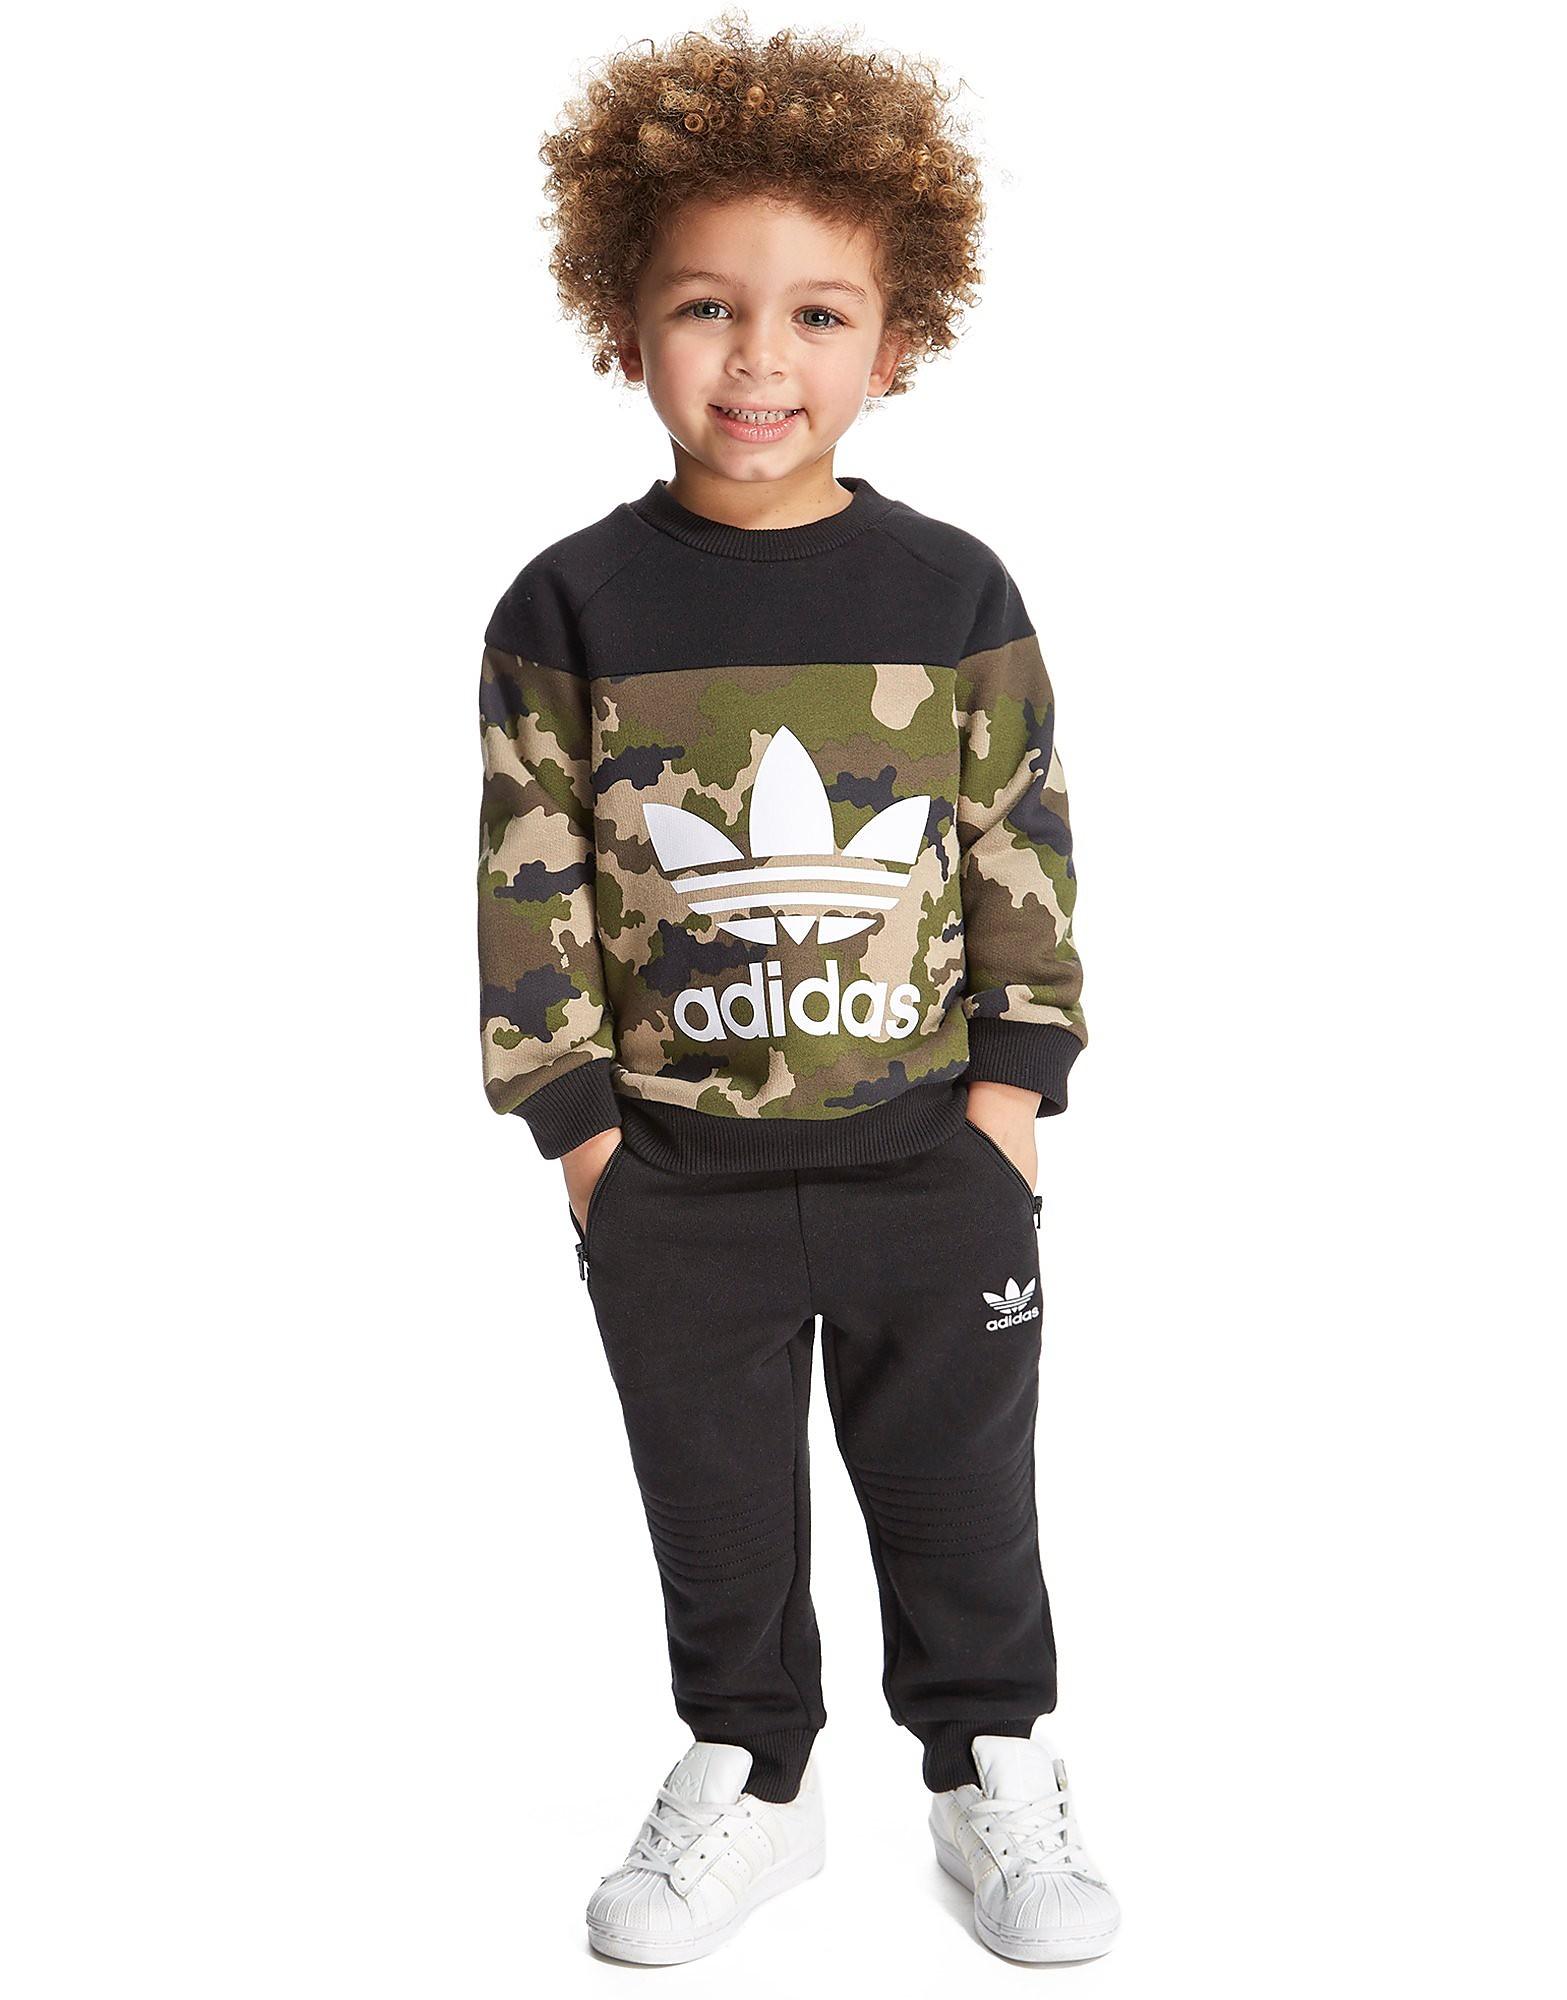 adidas Originals Camo Crew Suit Infant